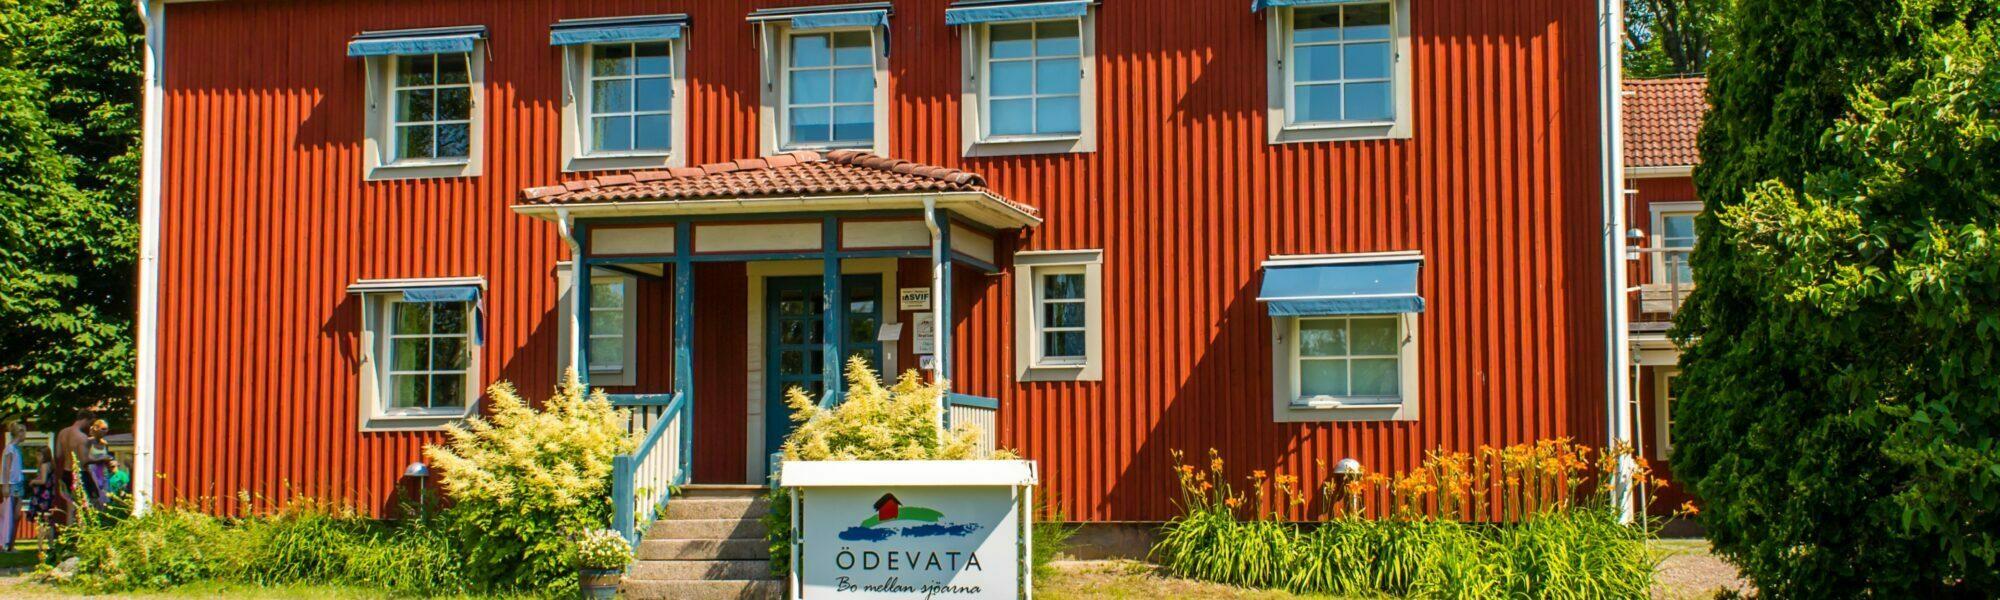 Huvudbyggnaden hos Ödevata Gårdshotell.